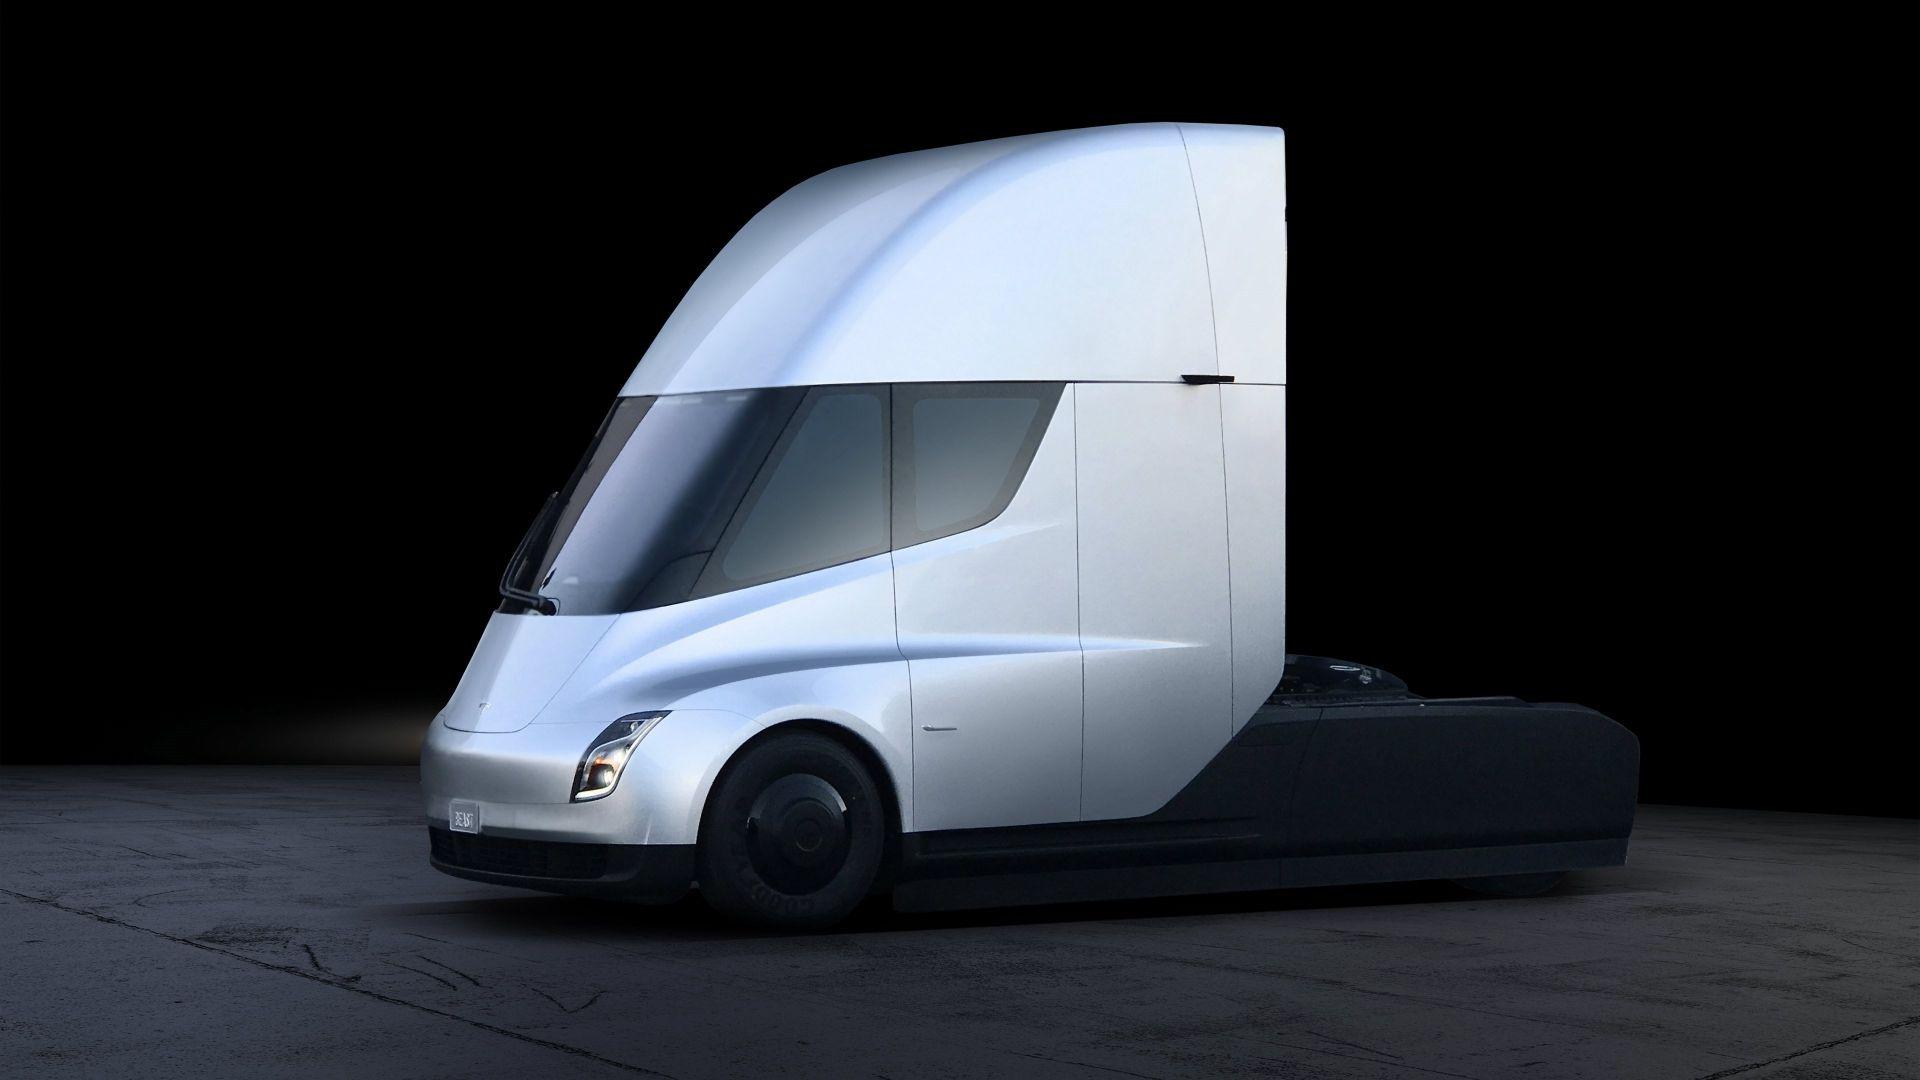 Imagen facilitada por Tesla que muestra un prototipo de su nuevo camión semirremolque eléctrico Semi hoy, 17 de noviembre de 2017.